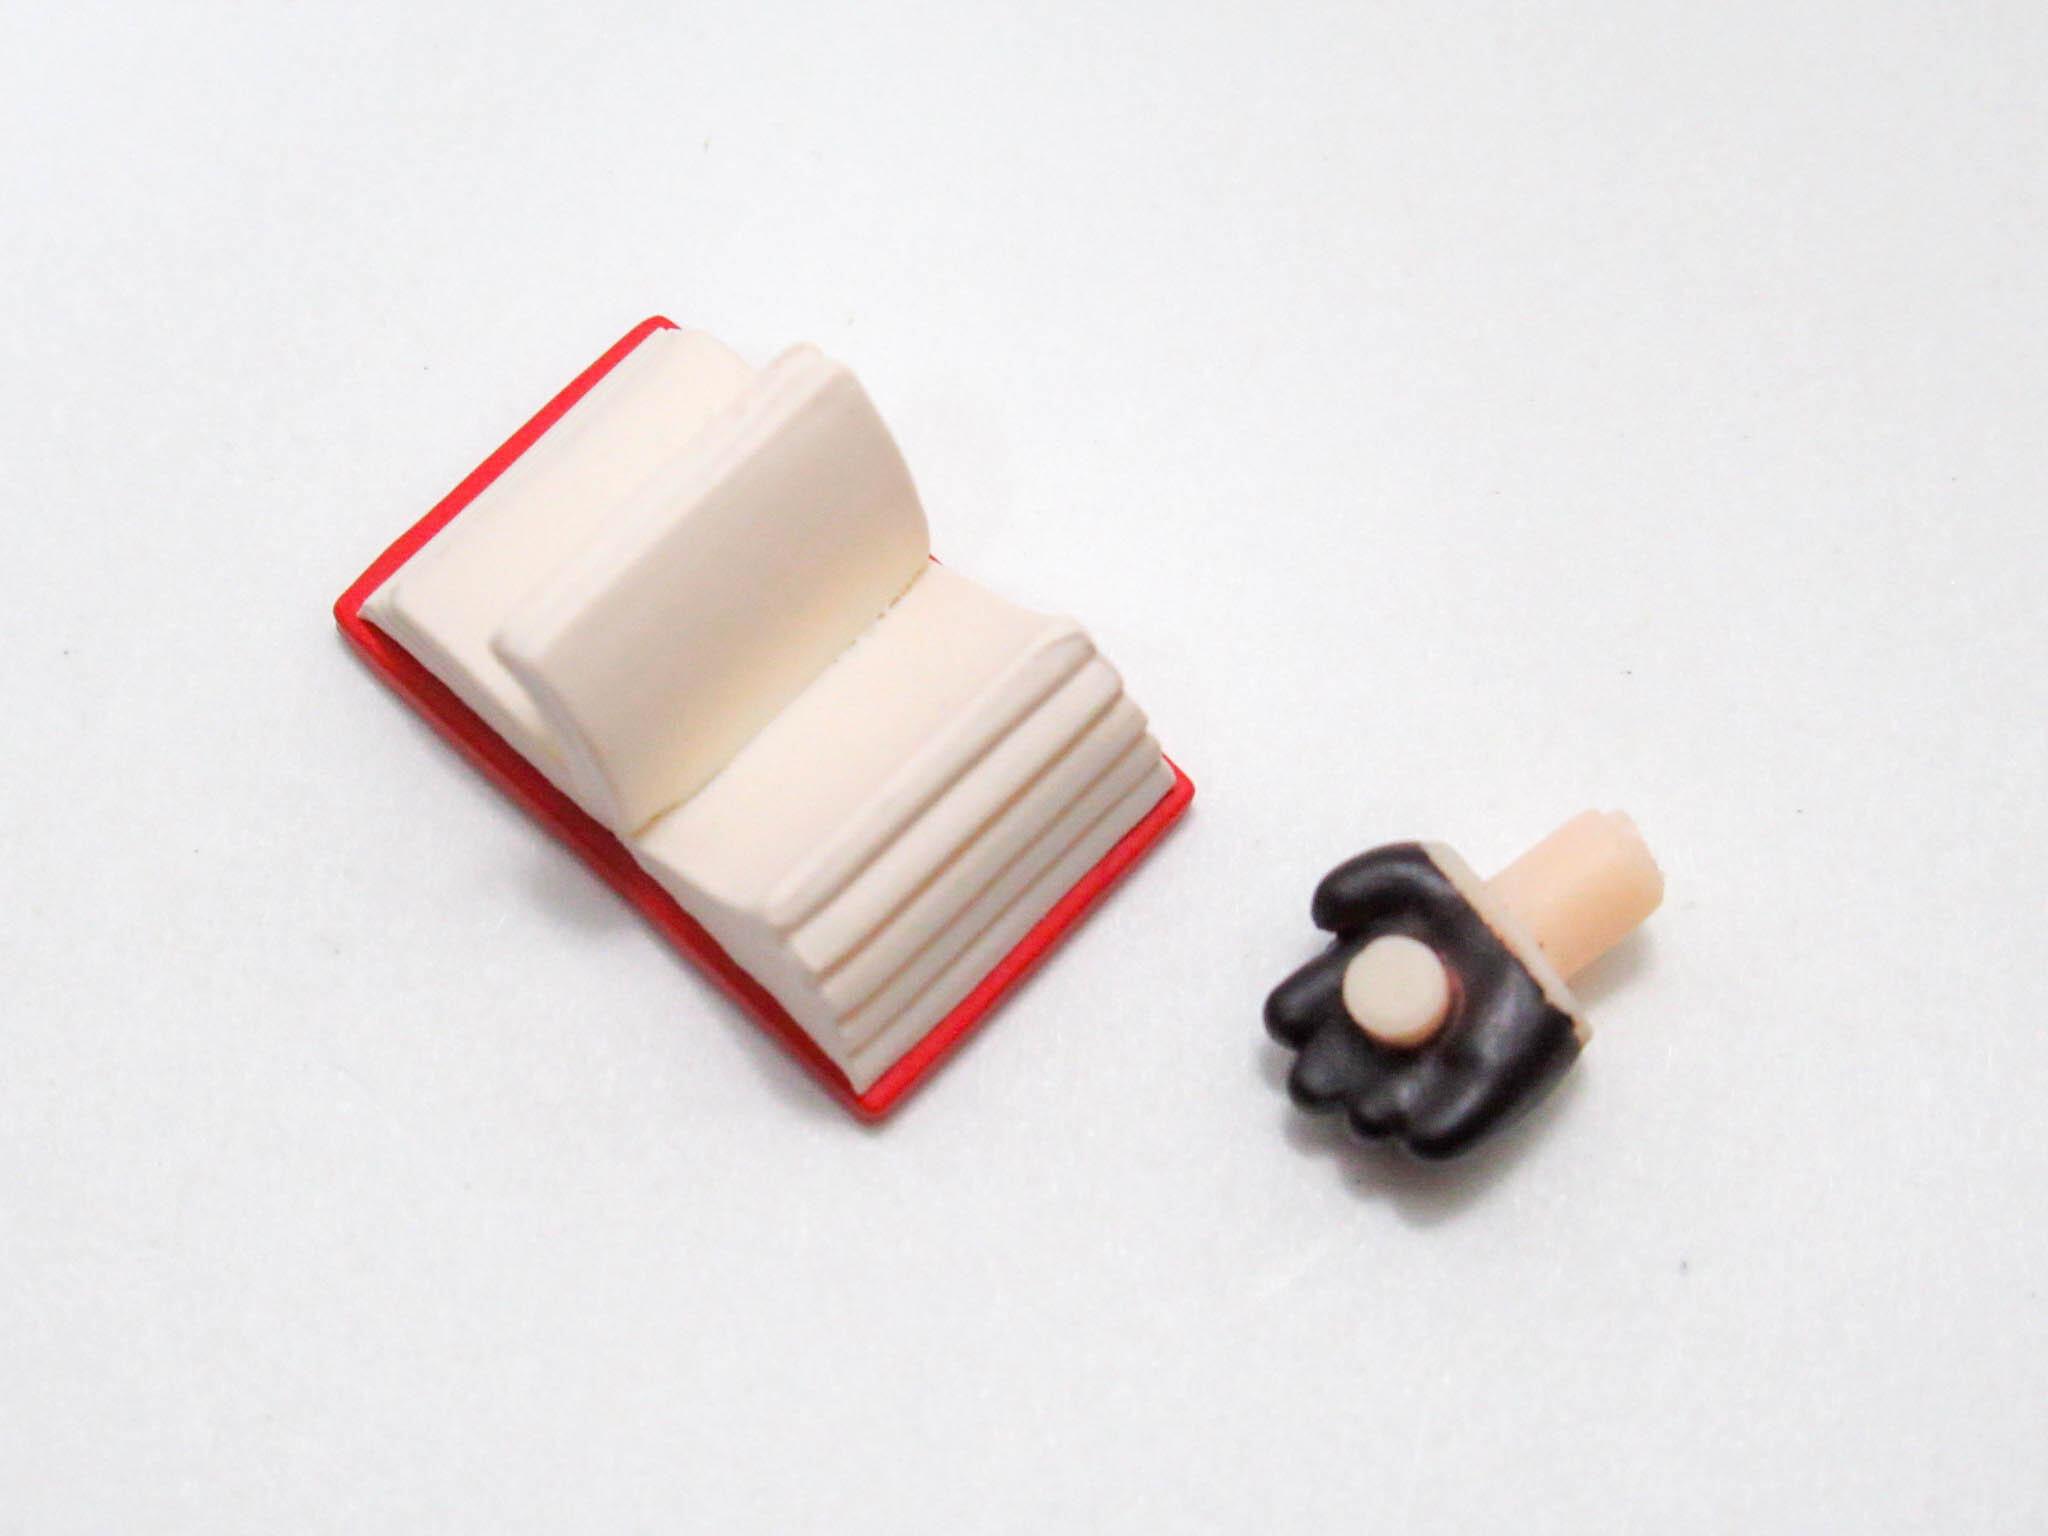 【SALE】【1182】 ロード・エルメロイⅡ世 小物パーツ 本 ねんどろいど